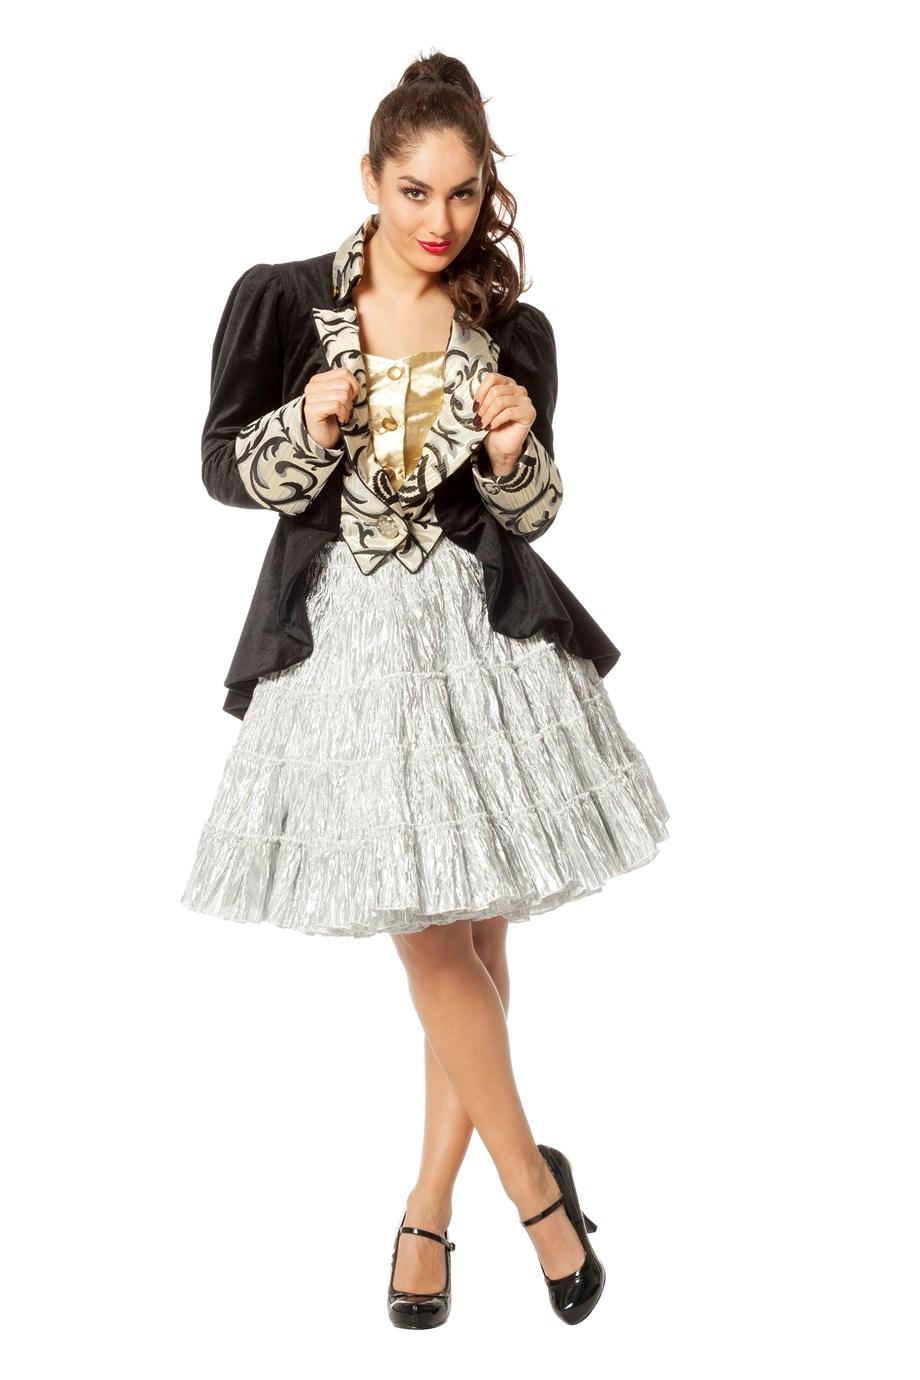 Petticoat luxe metalic zilver-0